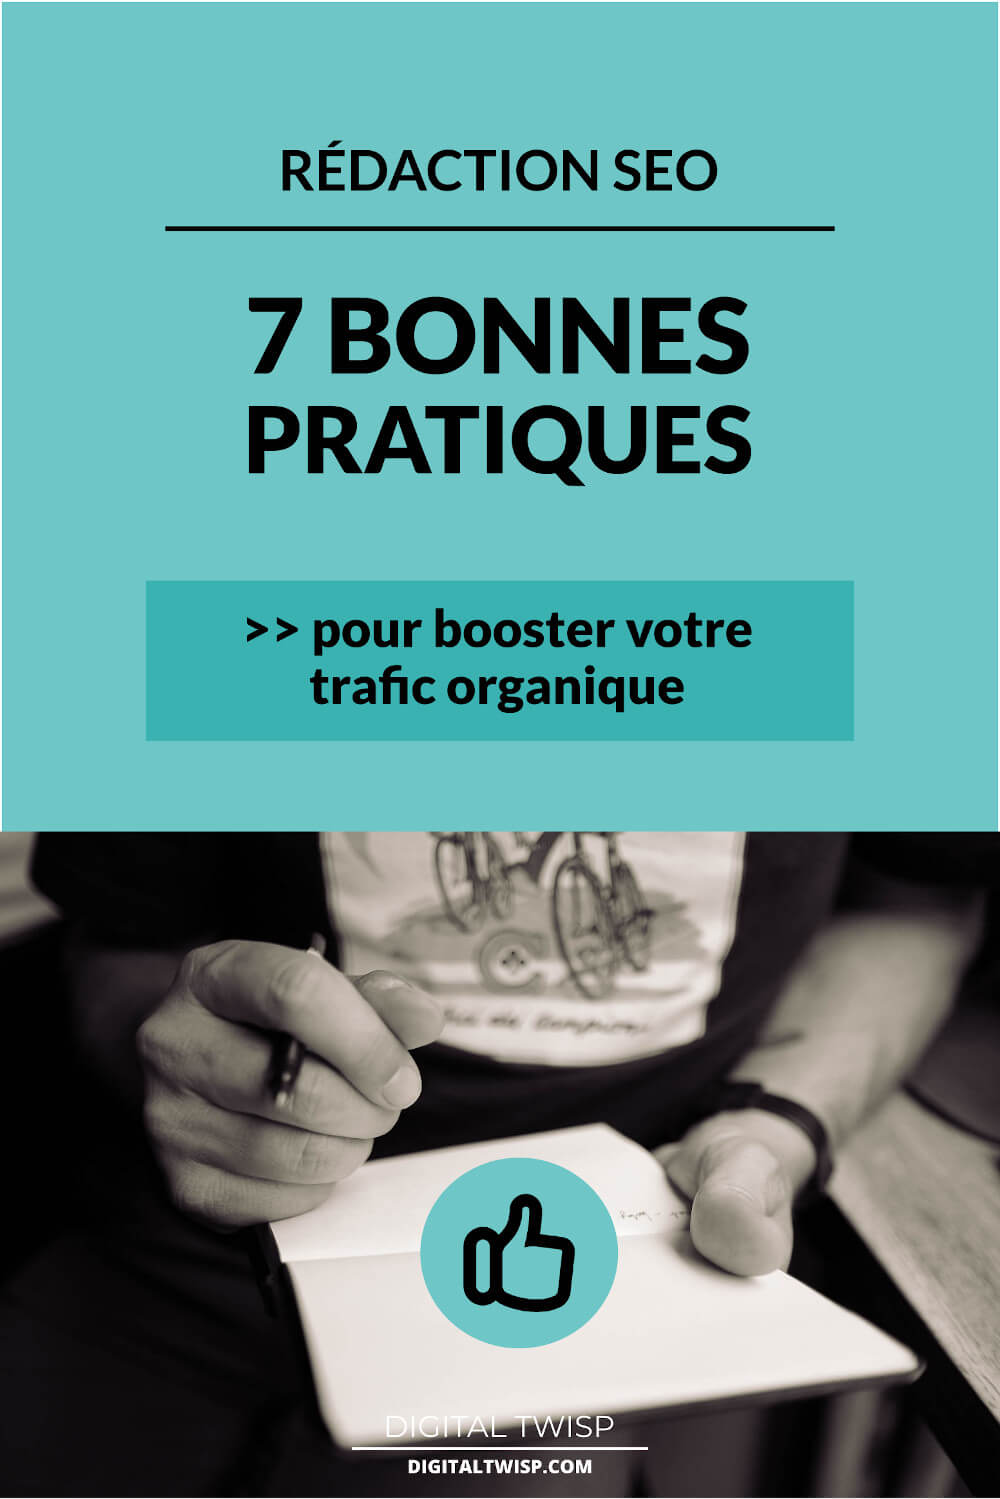 7 bonnes pratiques de rédaction SEO pour booster votre trafic organique grâce à un meilleur référencement de vos articles...